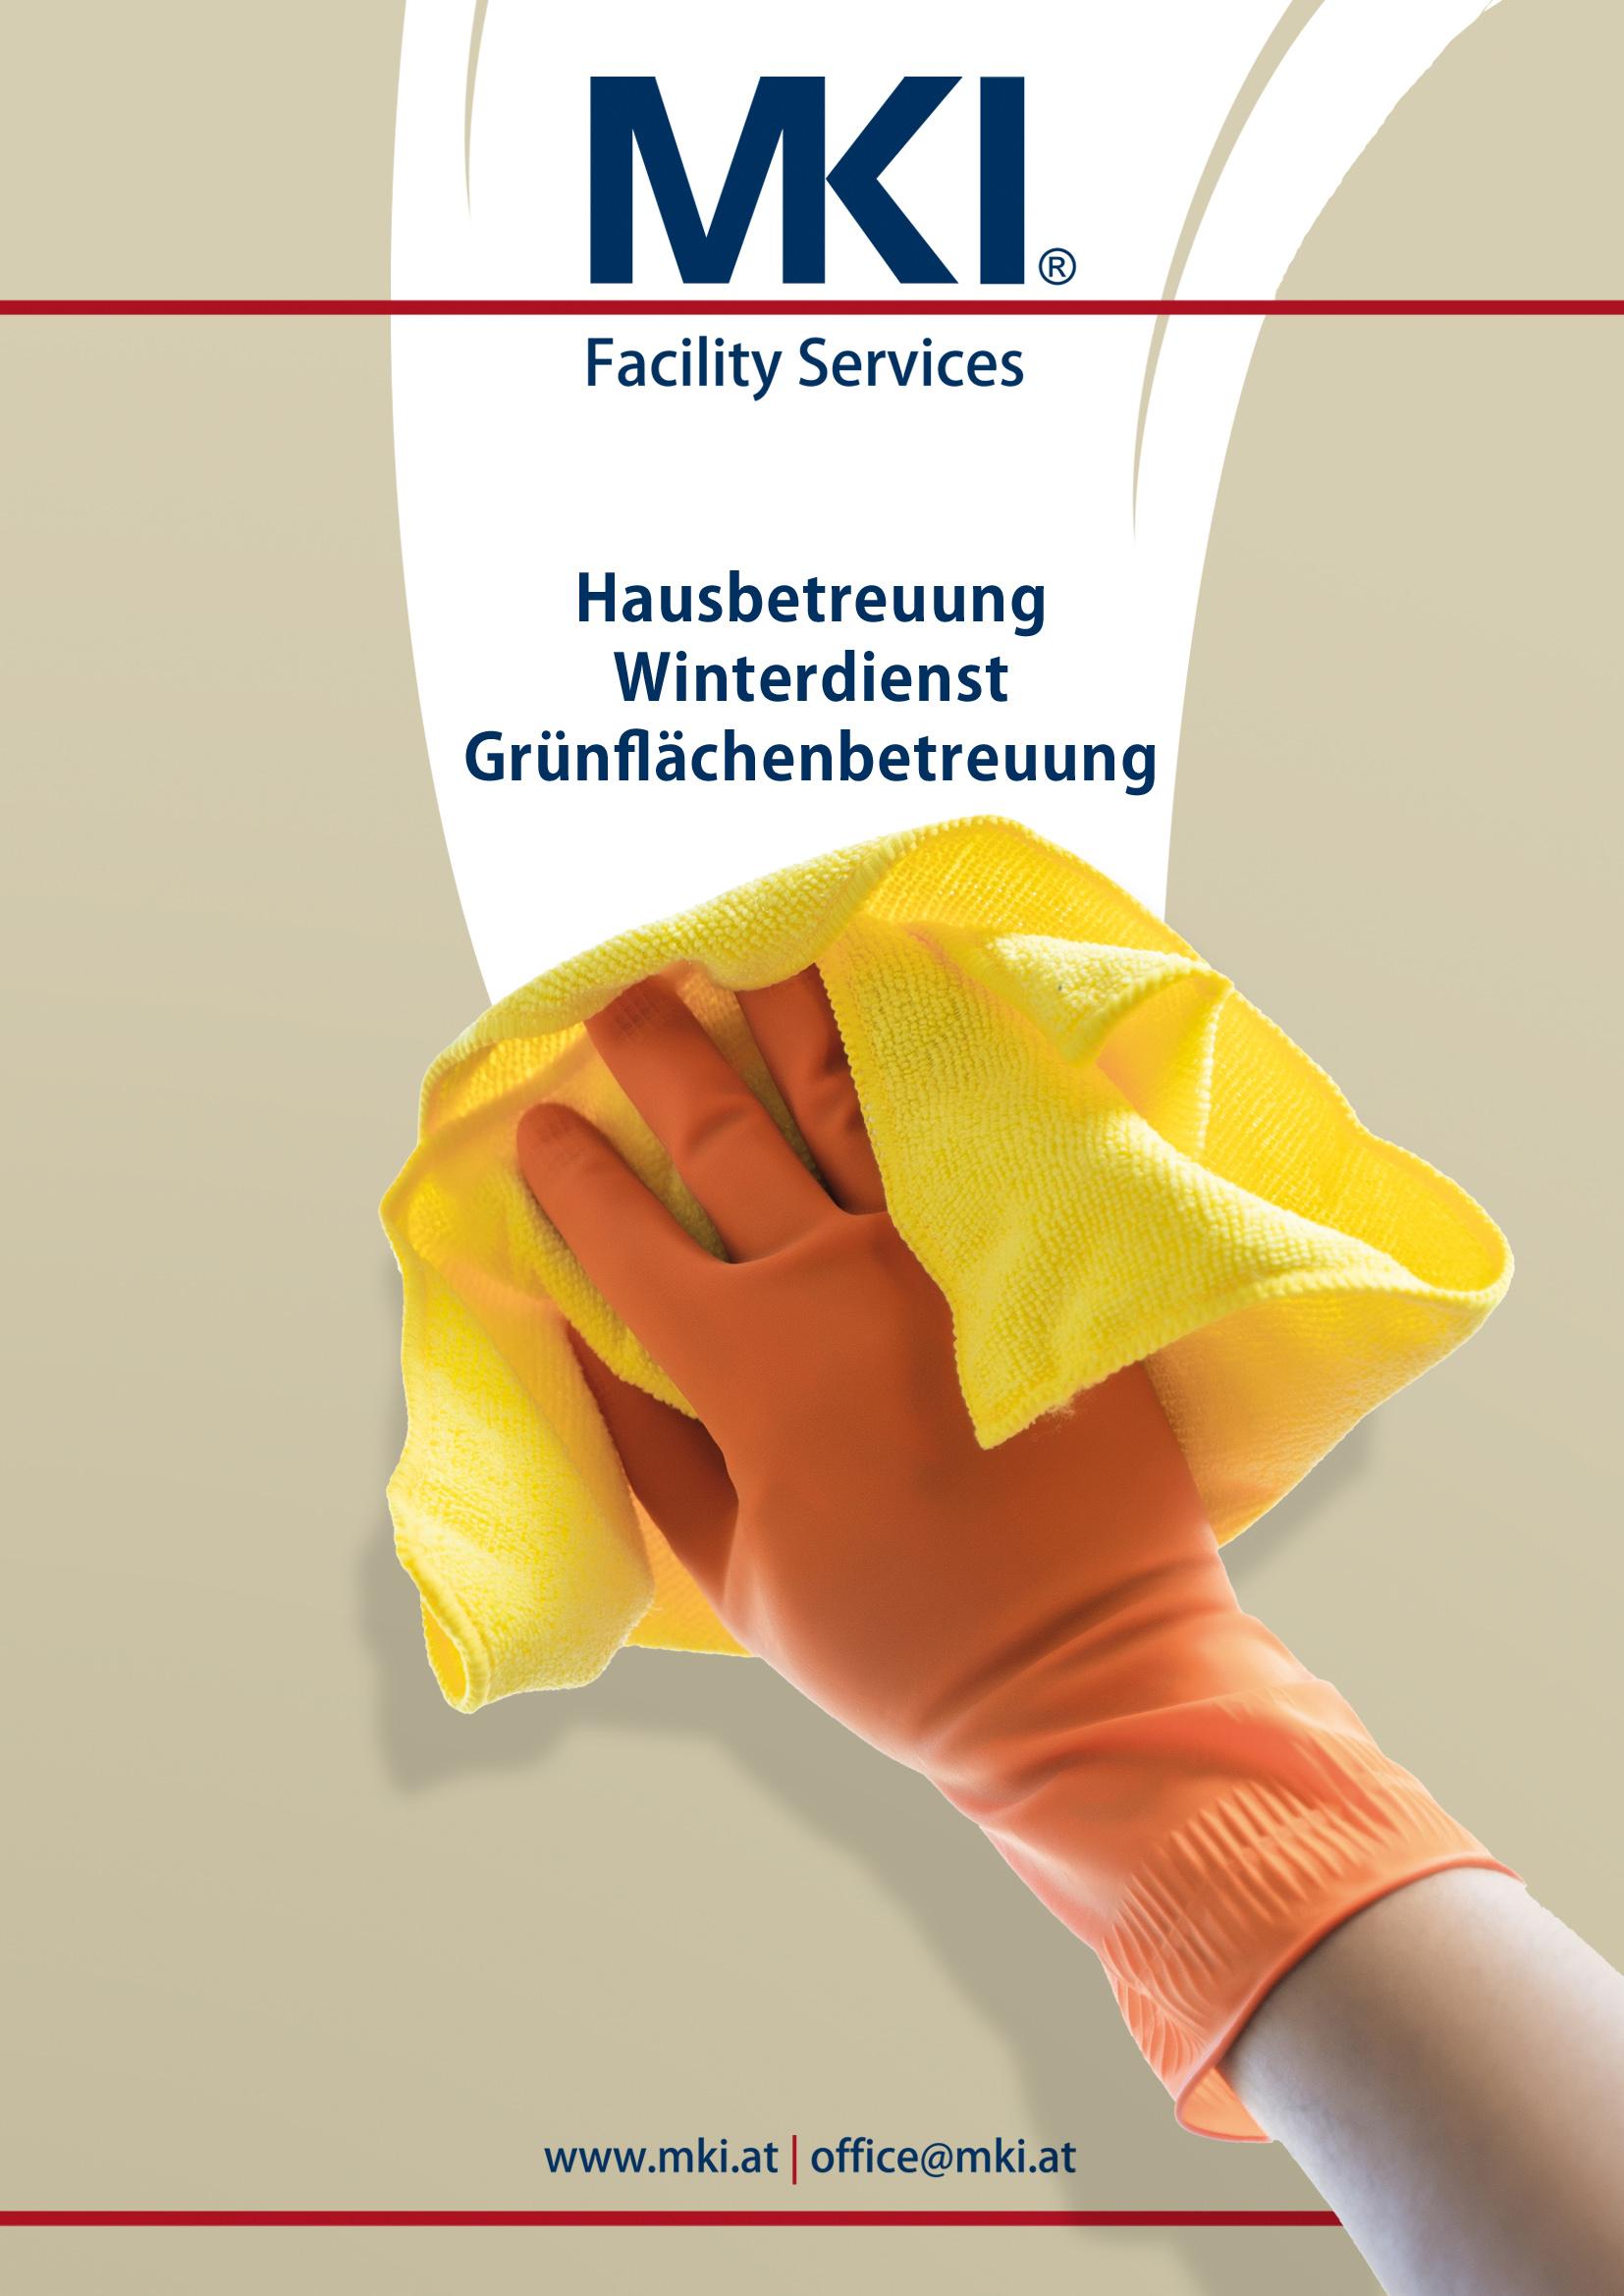 MKI® - Facility Services